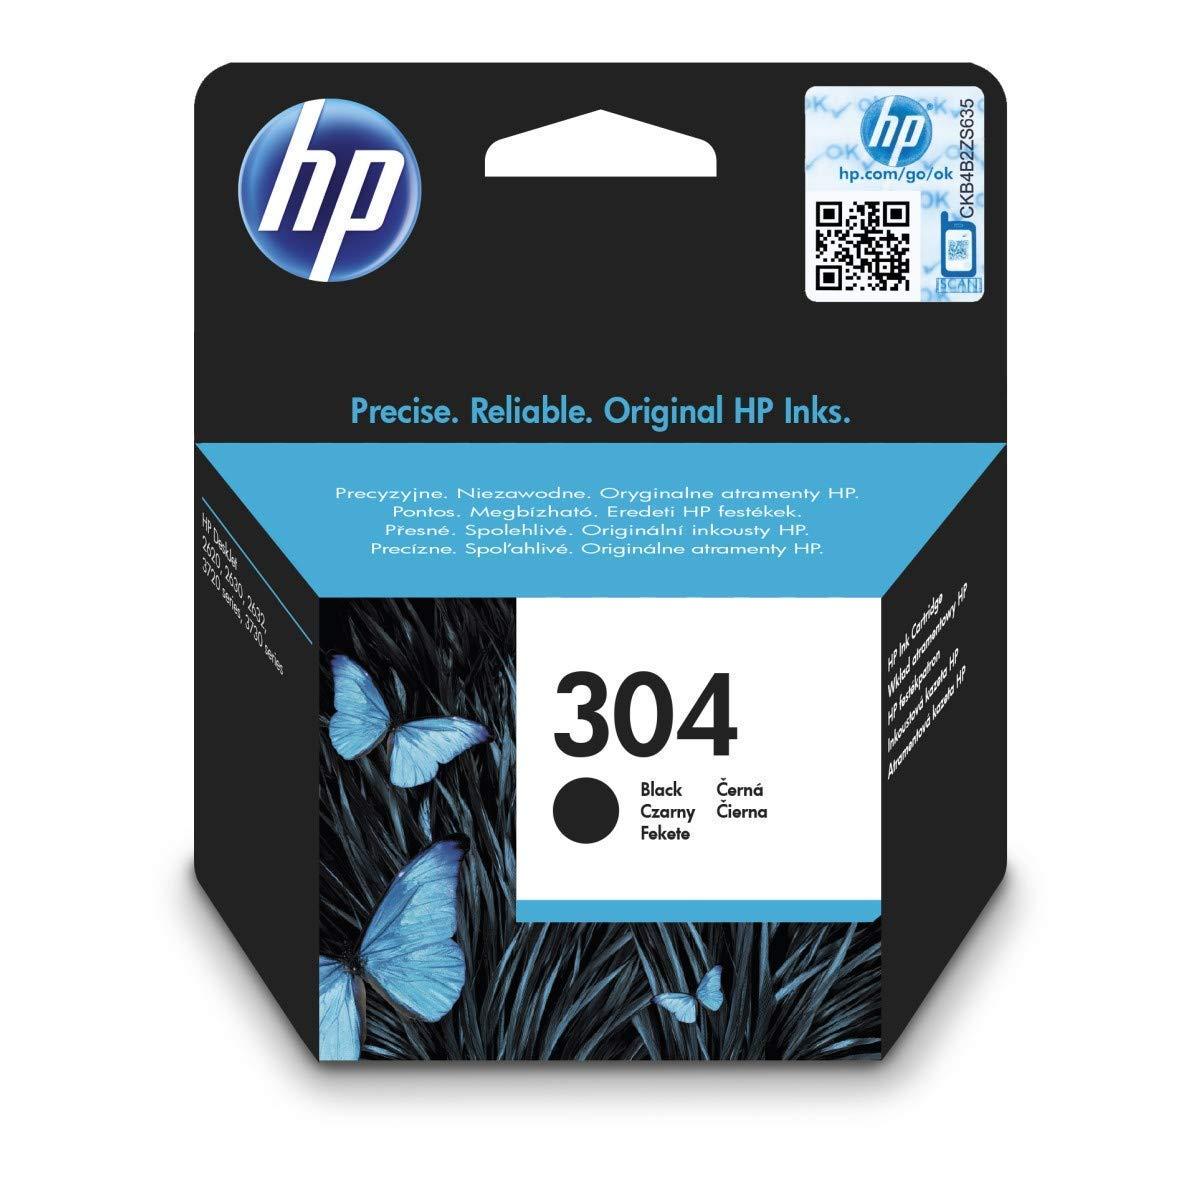 HP 304XL Schwarz Original Druckerpatrone mit hoher Reichweite für HP DeskJet 2630, 3720, 3720, 3720, 3730, 3735, 3750, 3760; HP ENVY 5020, 5030, 5032